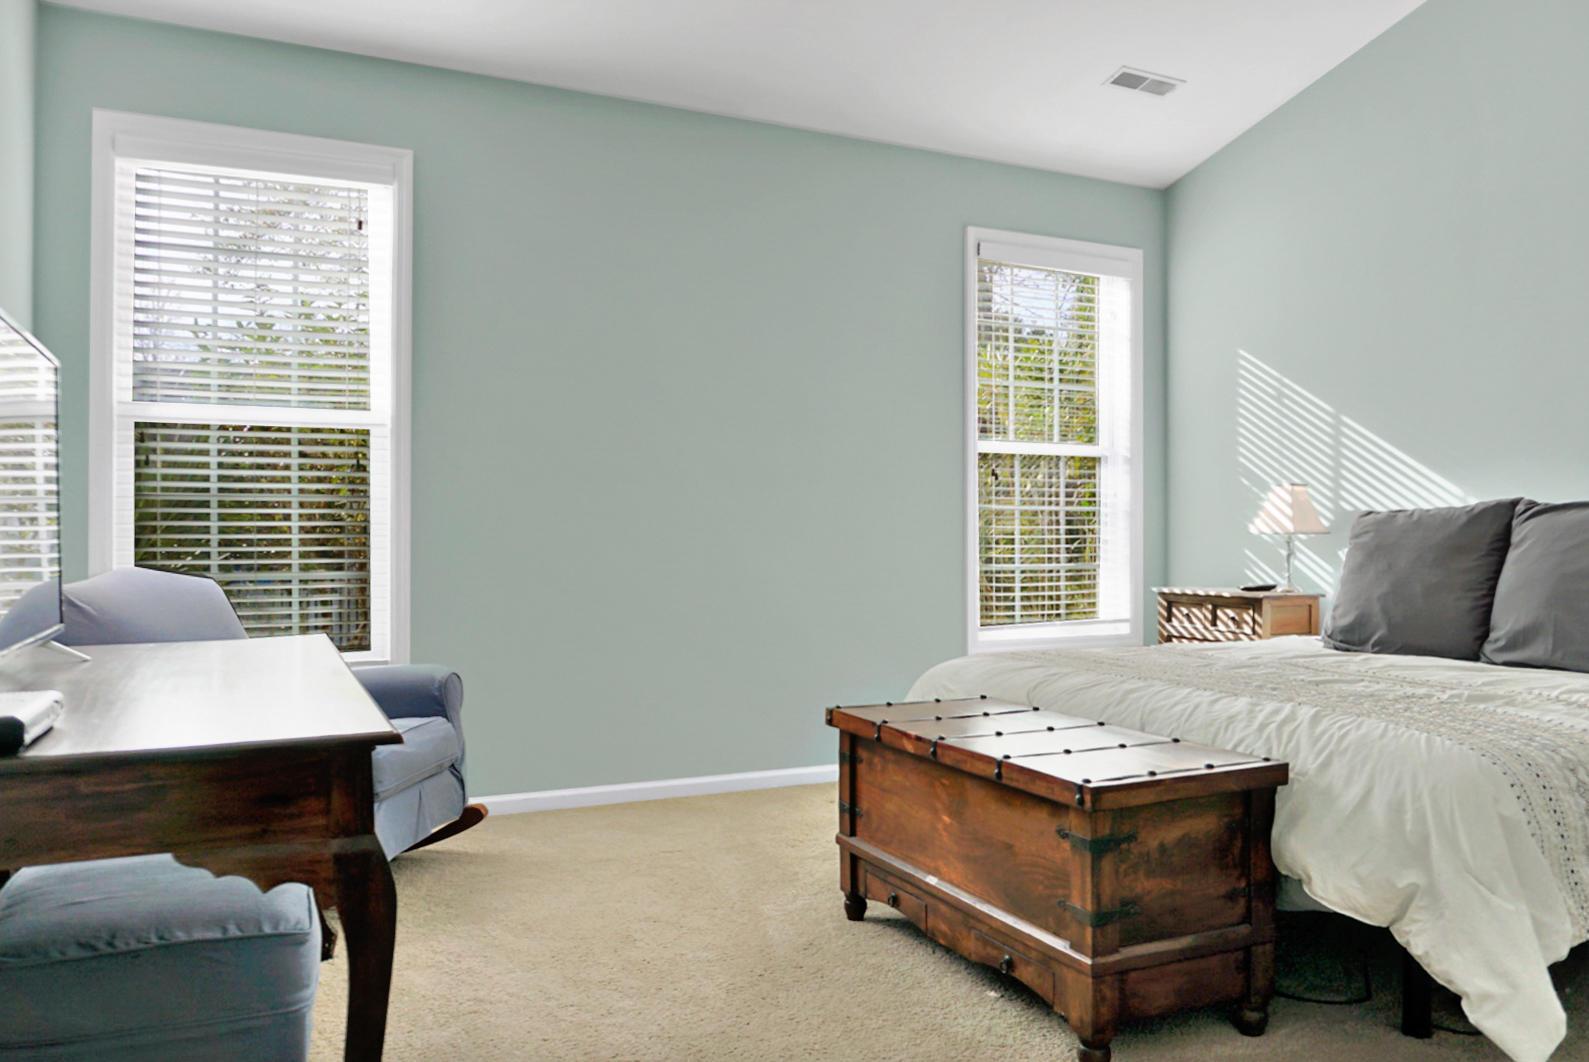 Park West Homes For Sale - 1504 Huxley, Mount Pleasant, SC - 20